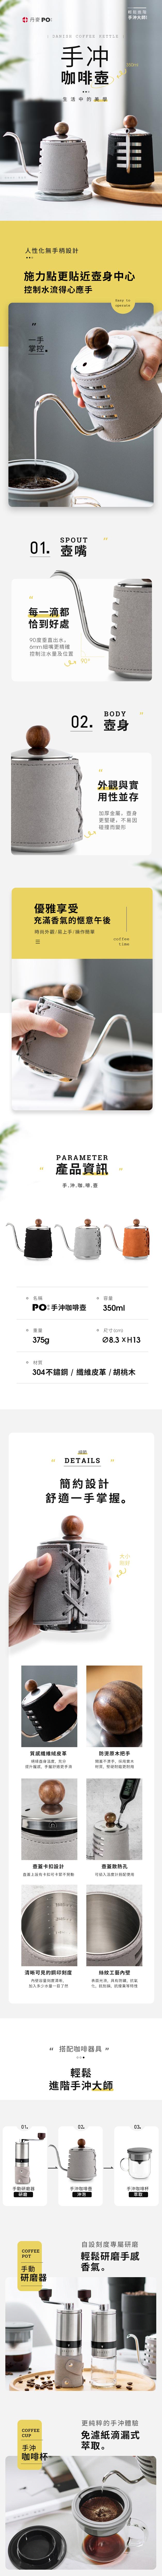 (複製)PO:Selected|丹麥手沖咖啡禮盒組(手動不鏽鋼咖啡磨2.0/咖啡玻璃杯240ml-紅)